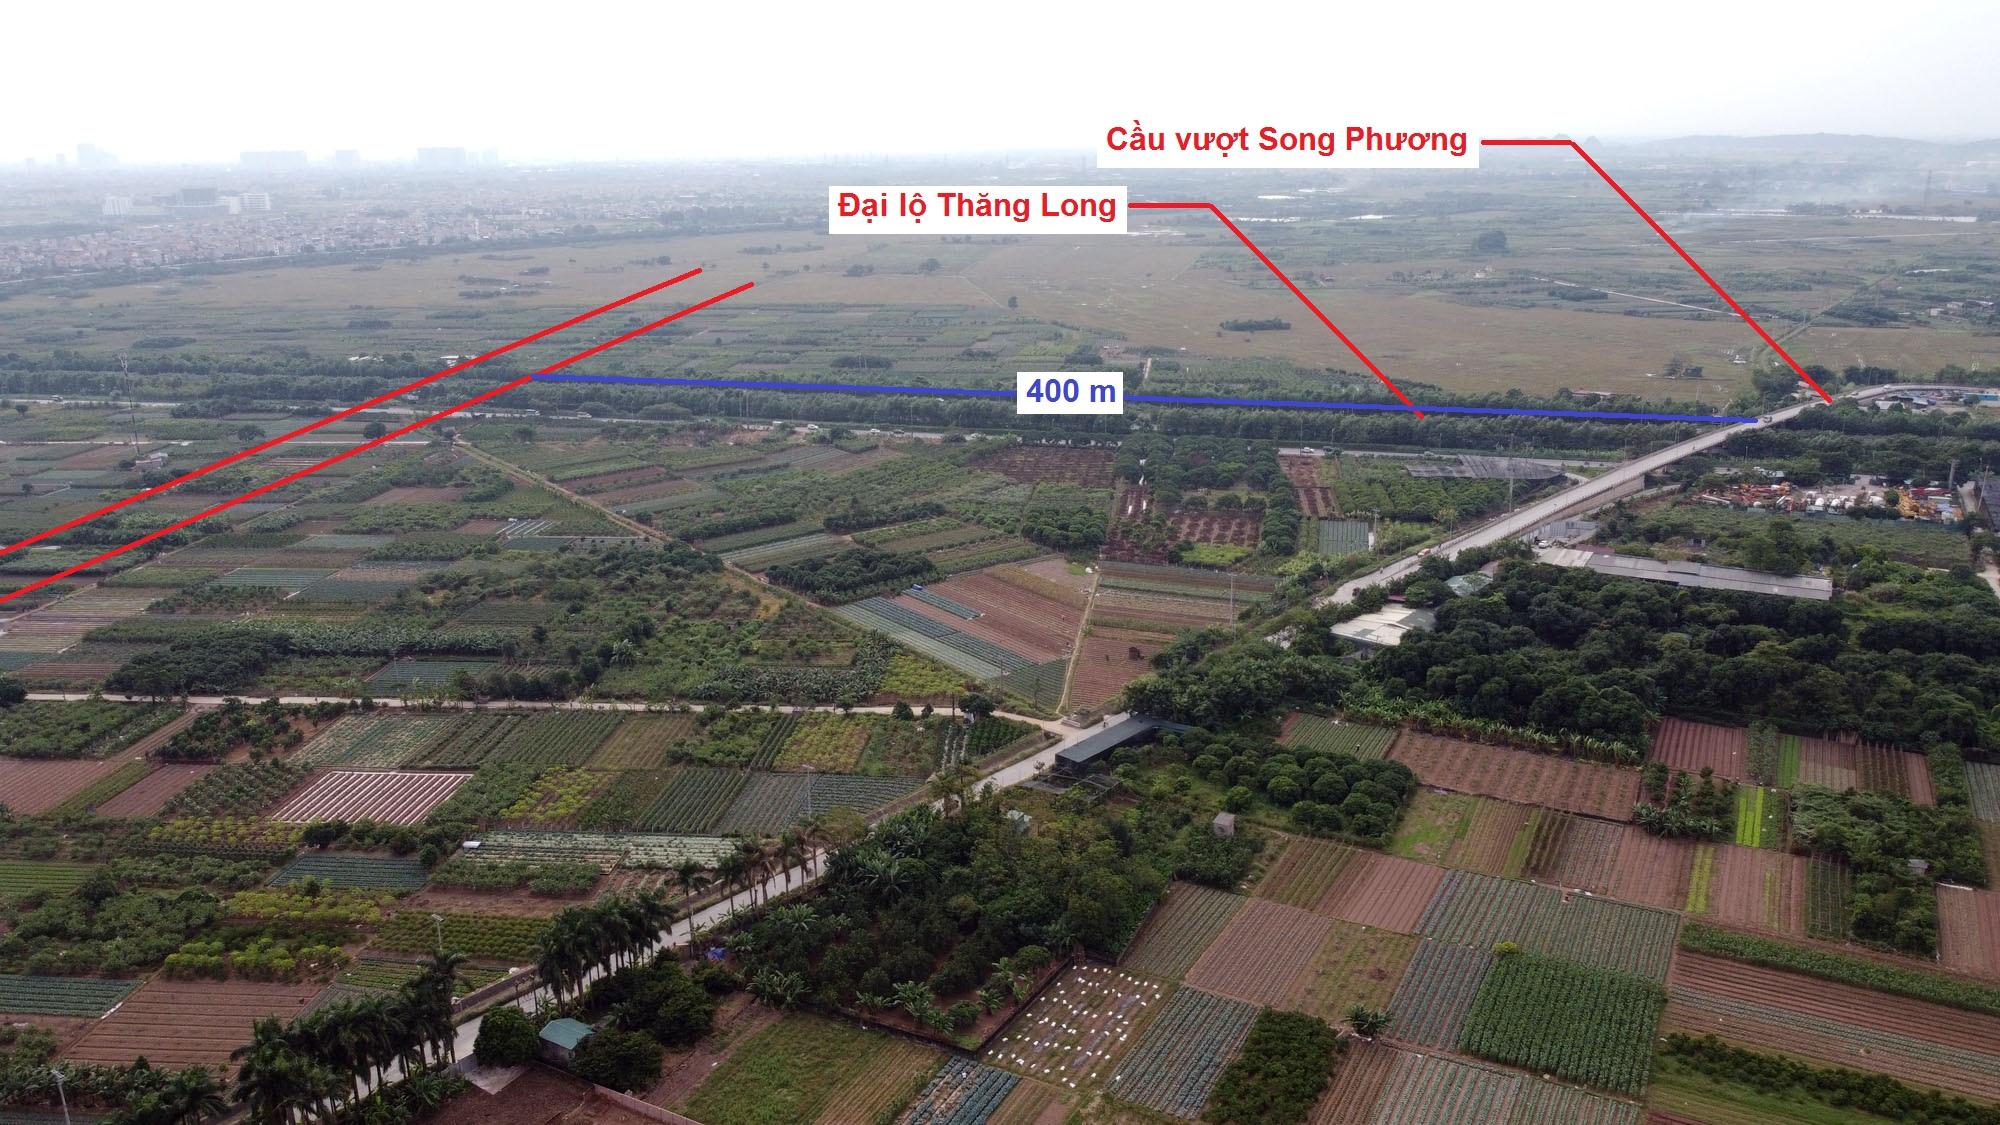 Ba đường sẽ mở theo quy hoạch ở xã Song Phương, Hoài Đức, Hà Nội - Ảnh 3.